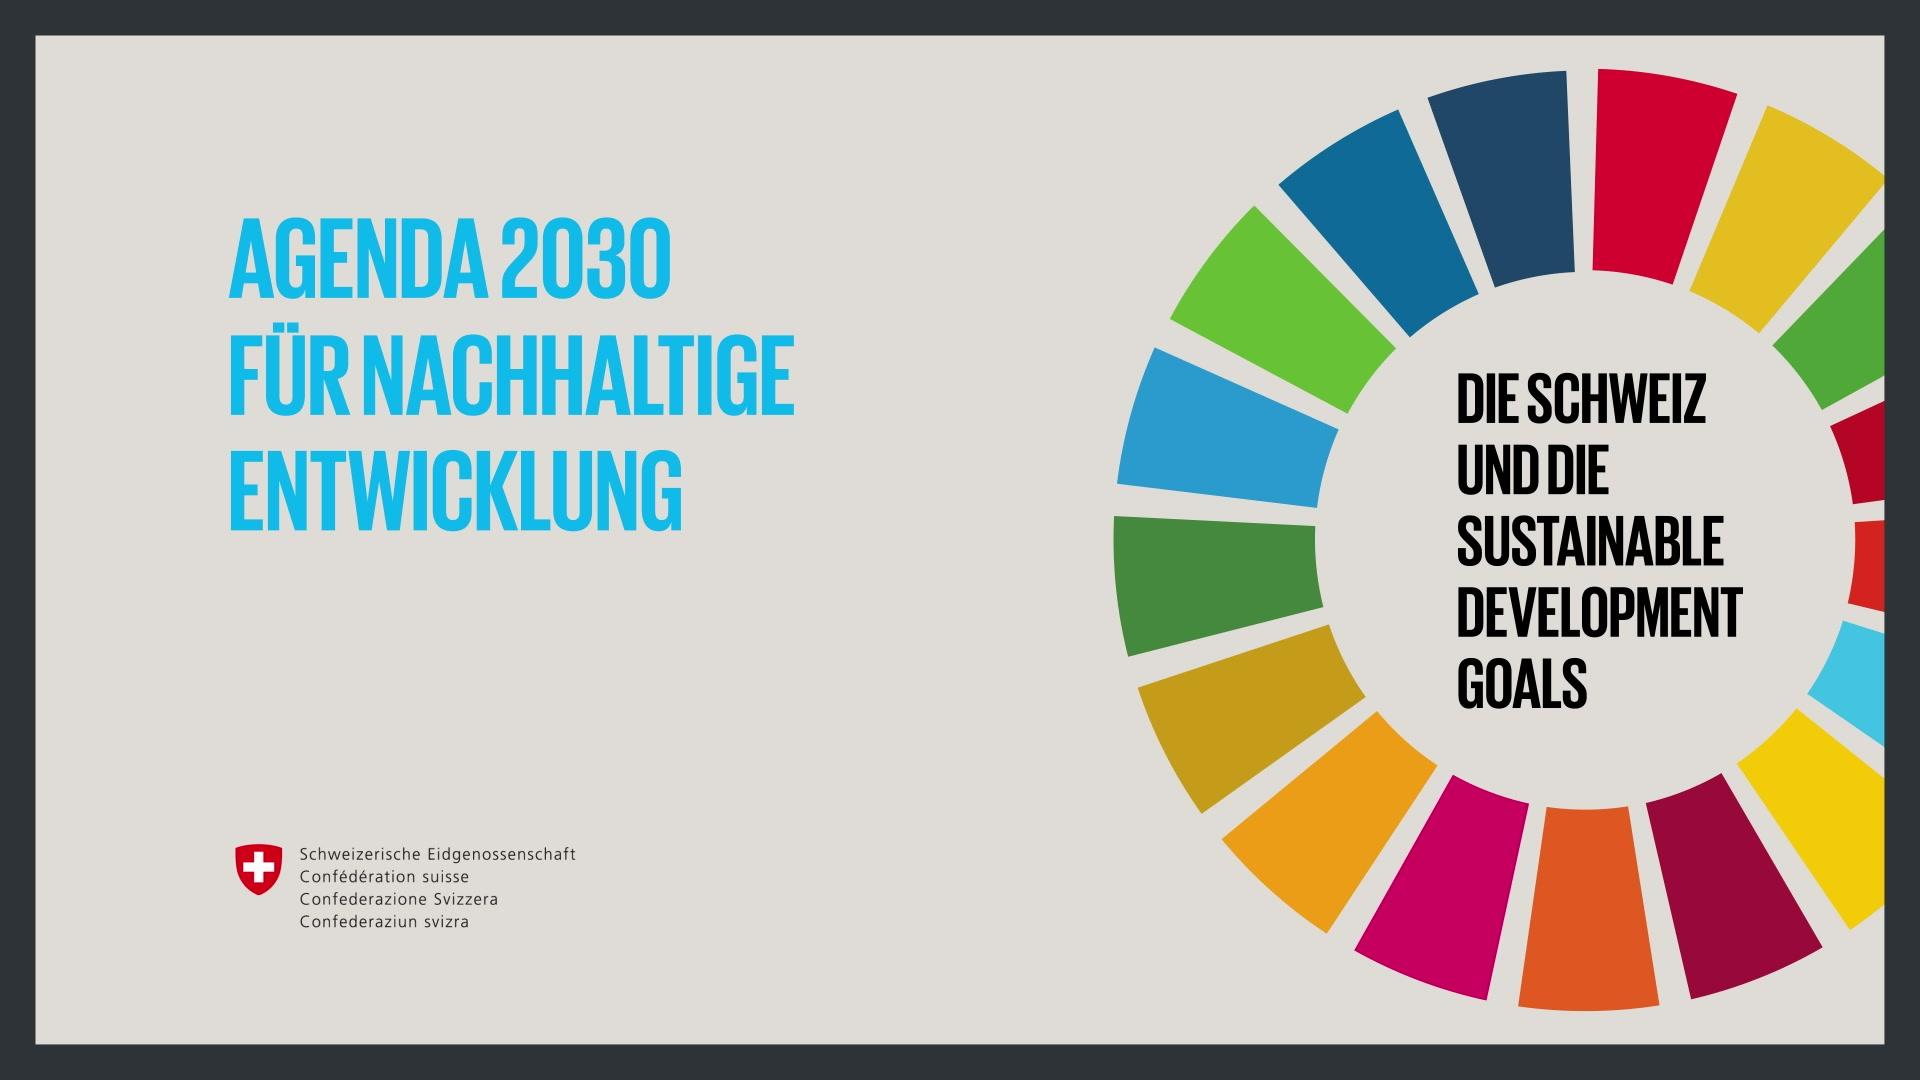 Die Agenda 2030 der UNO bringt eine Chance für eine schweizerische Friedens- statt Sicherheitspolitik